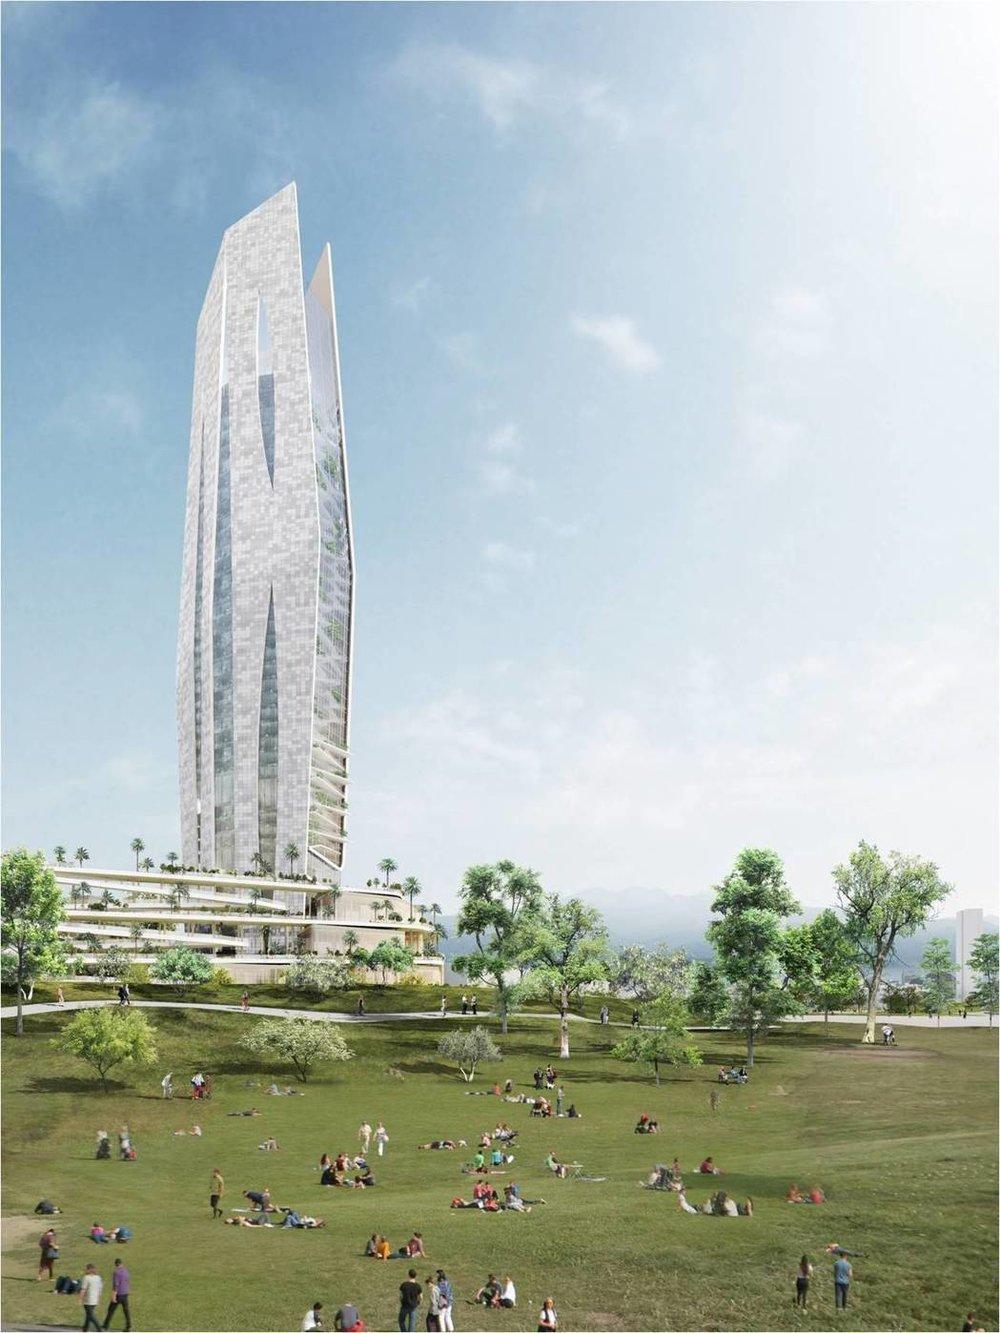 2017競圖獲選 劉培森建築師+Portzamparc (法) / 台中都市發展局